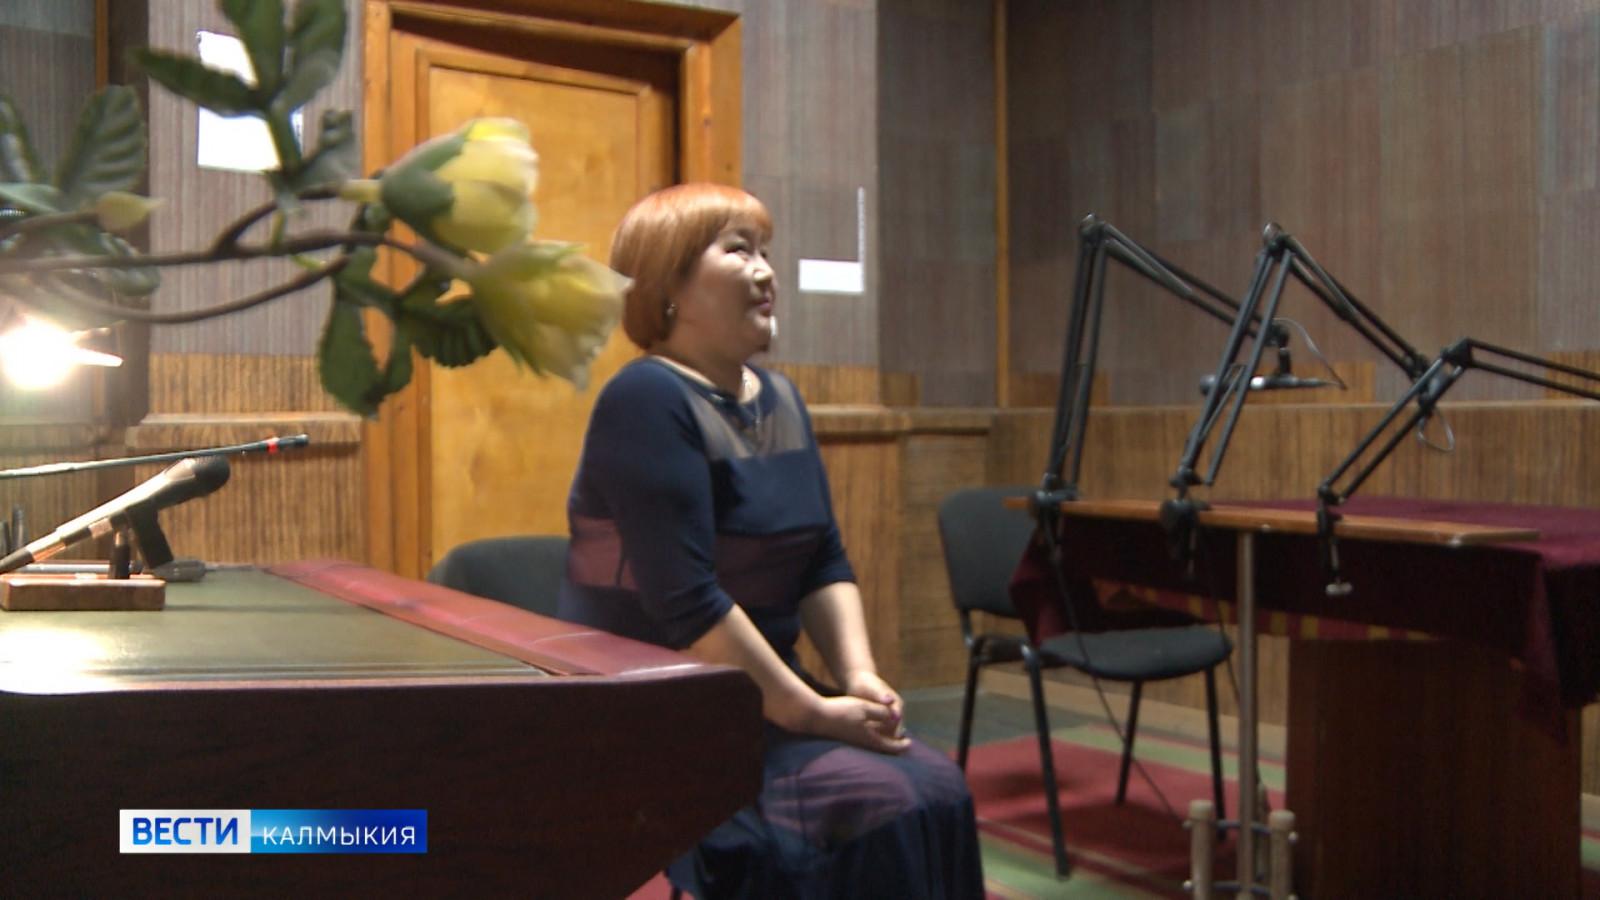 История Радио Калмыкии в лицах